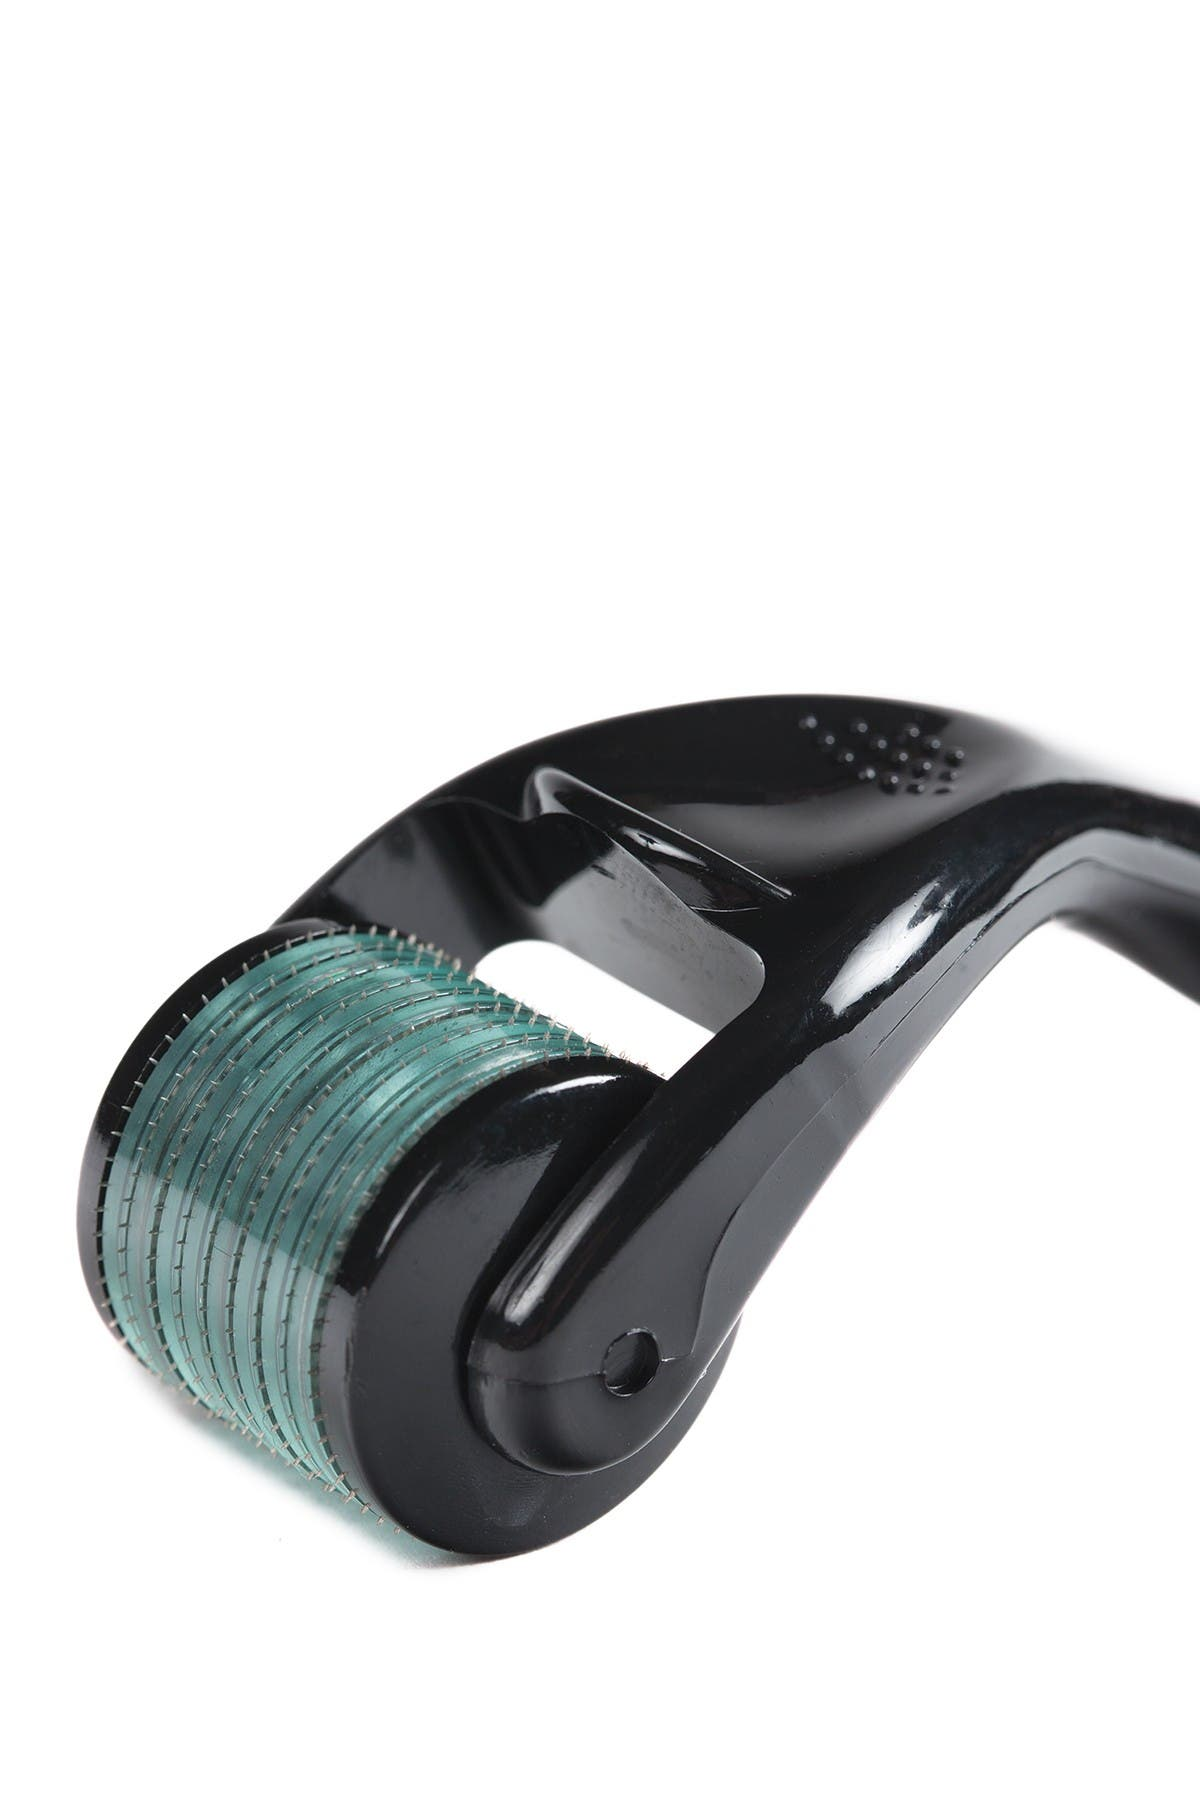 ORA Facial Microneedle Roller System - 0.25mm Needle Depth - Aqua Head/Black Handle